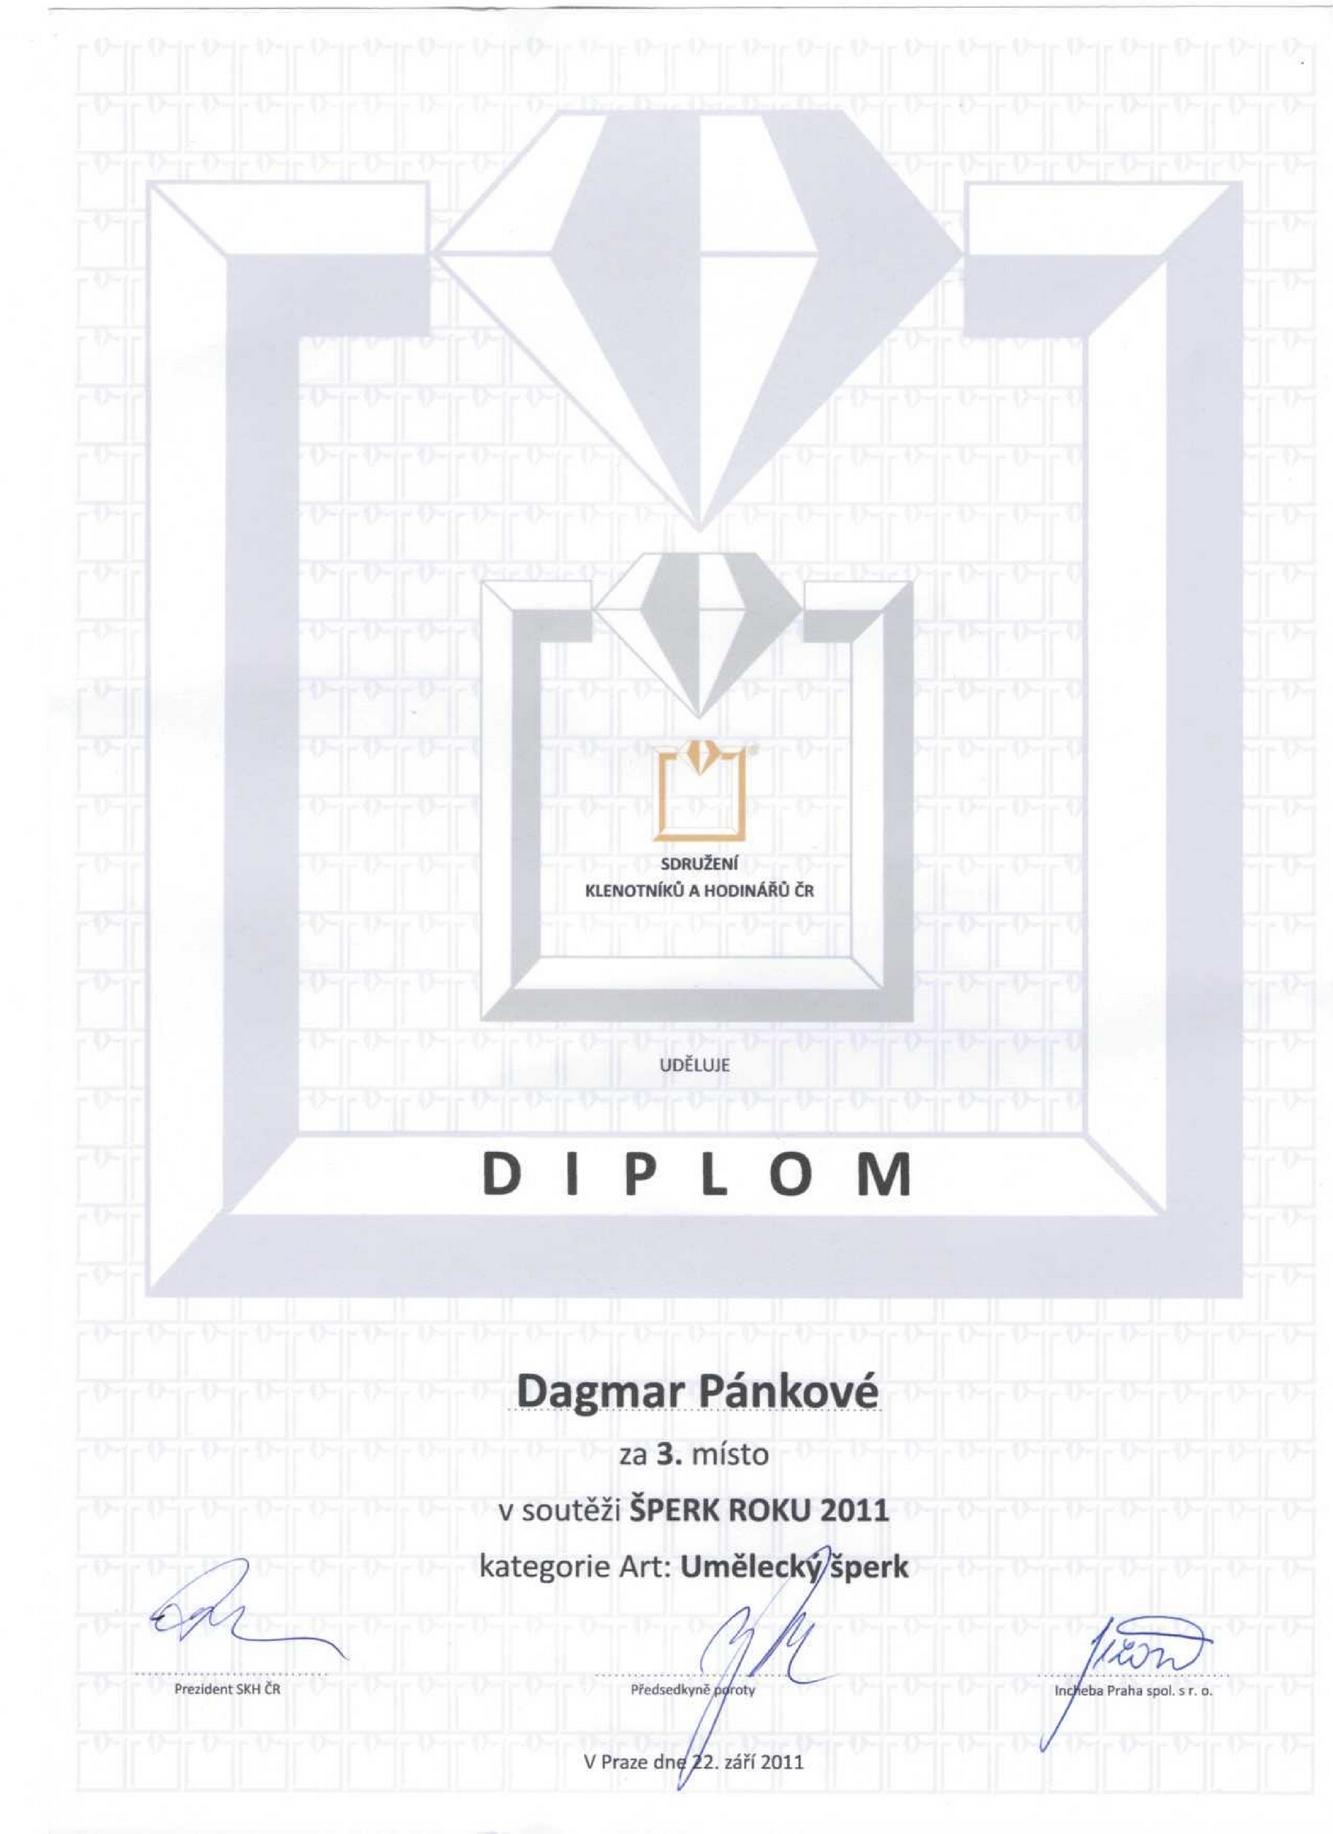 diplom-dasa